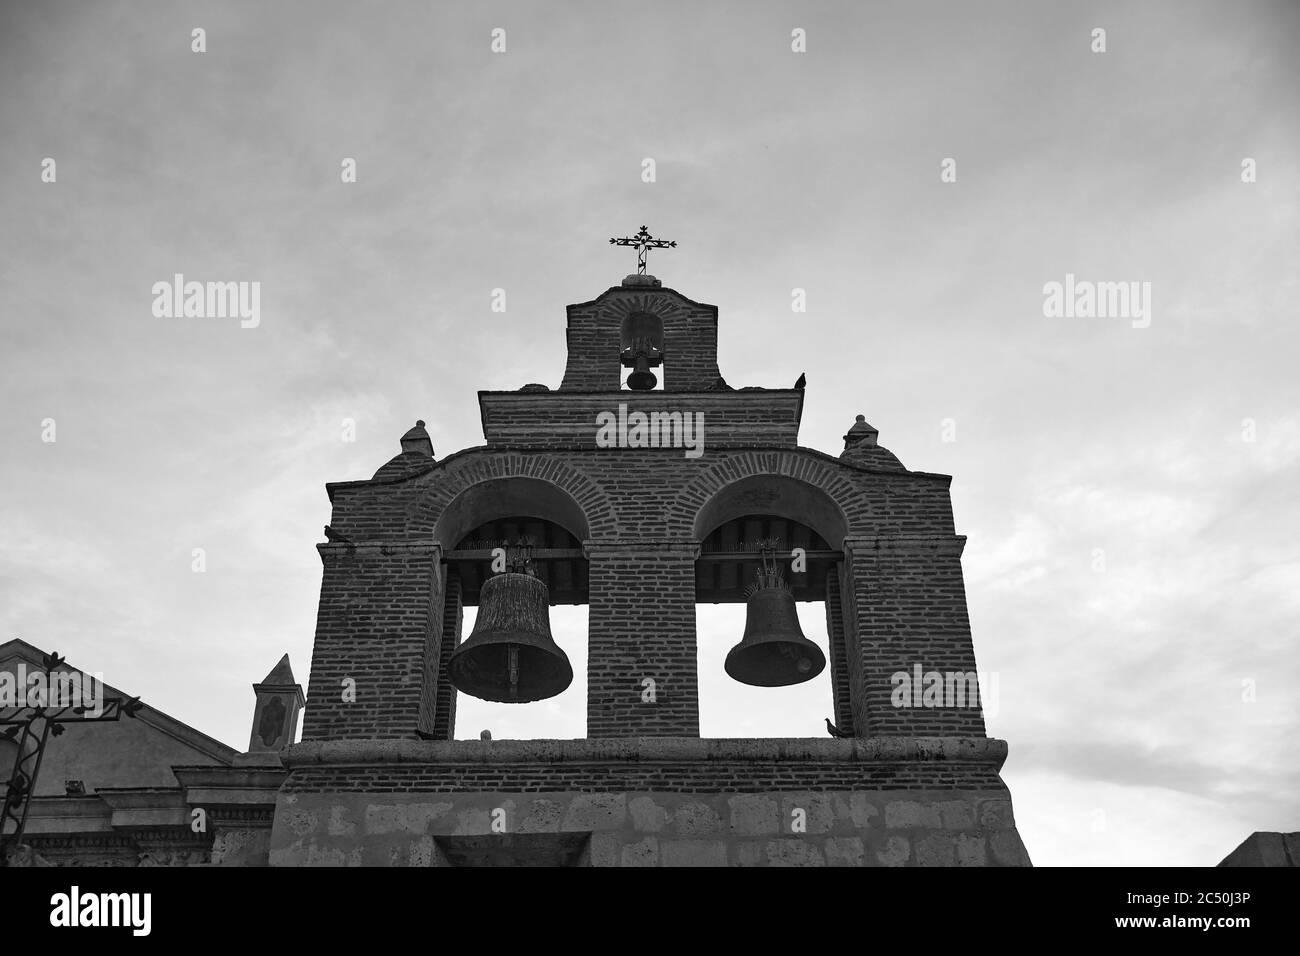 Cloches sur la cathédrale de Santa Maria la Menor. C'est la plus ancienne cathédrale des Amériques. Saint-Domingue, République dominicaine. Banque D'Images